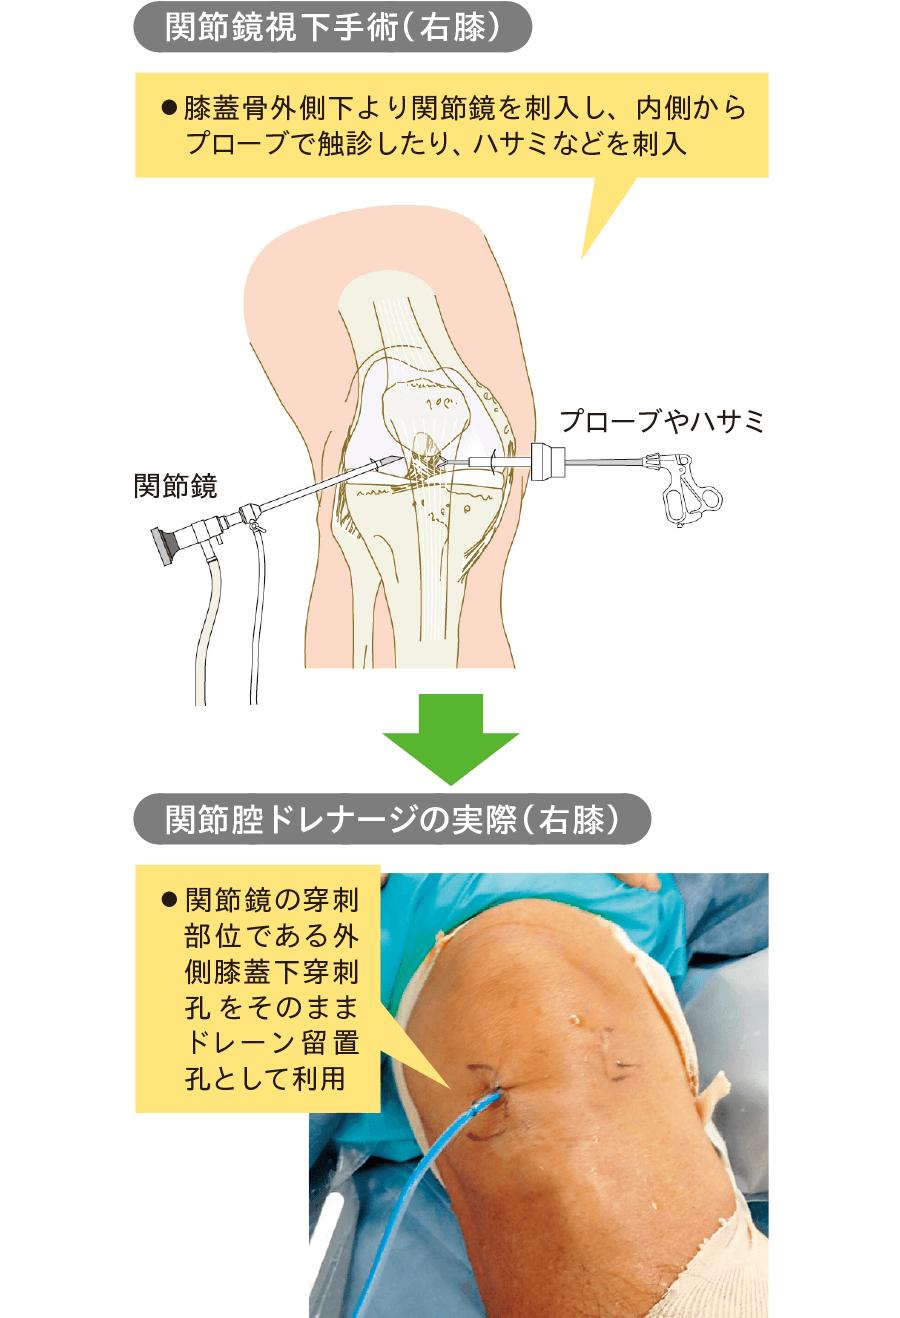 外側膝蓋下穿刺孔をドレナージ孔として利用した症例